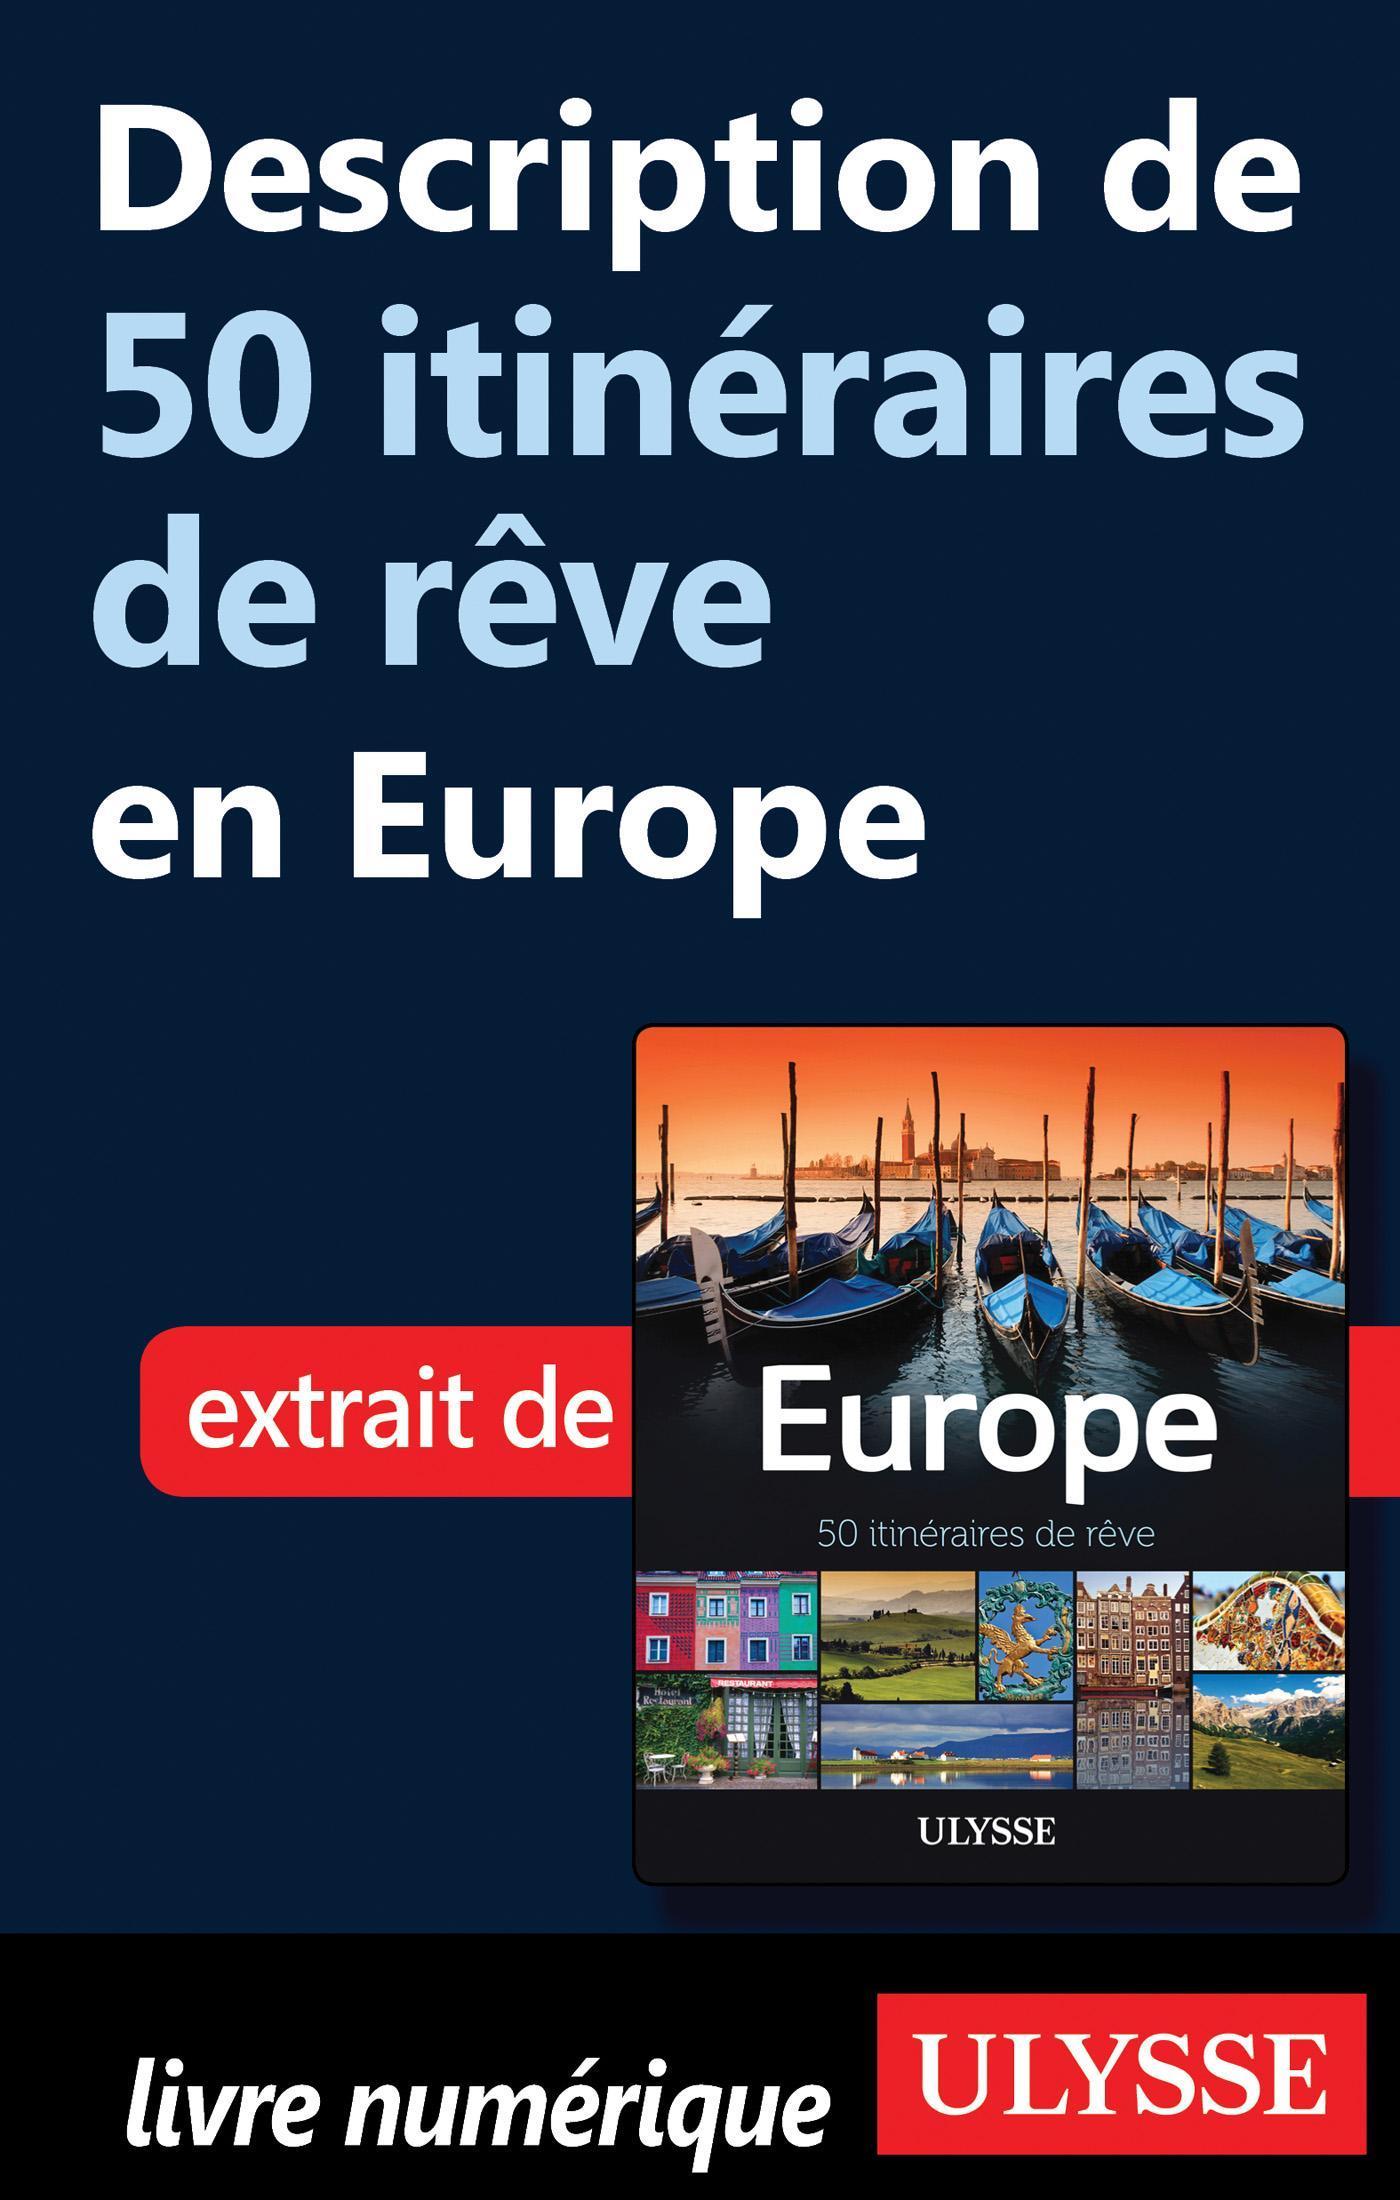 Description de 50 itinéraires de rêve en Europe